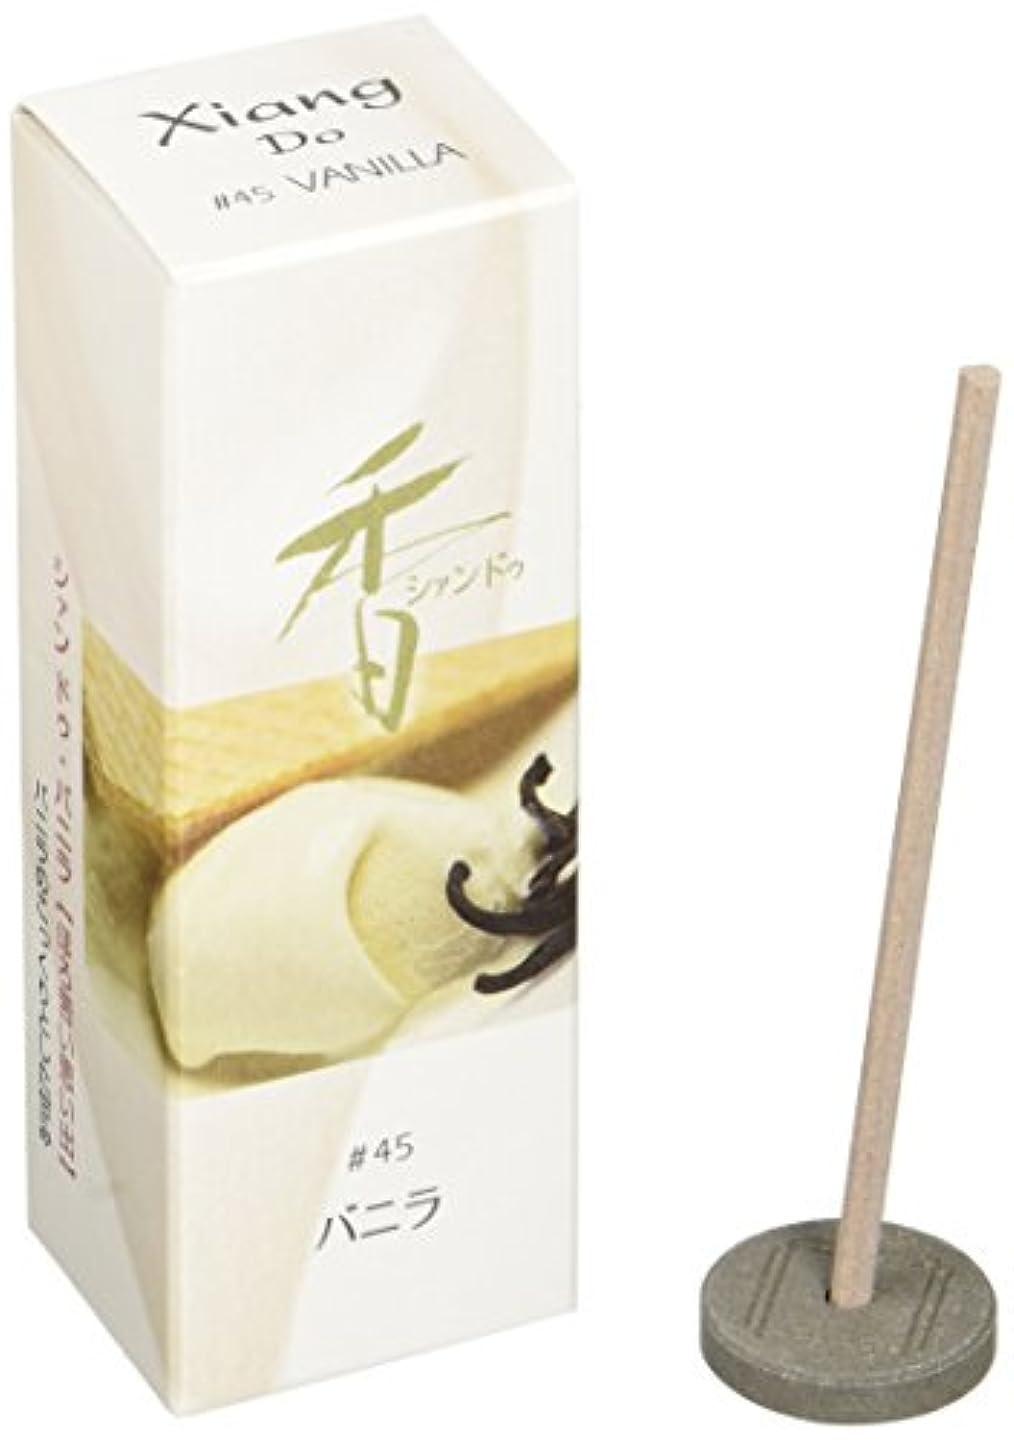 ウール有料肌寒い松栄堂のお香 Xiang Do(シャンドゥ) バニラ ST20本入 簡易香立付 #214245